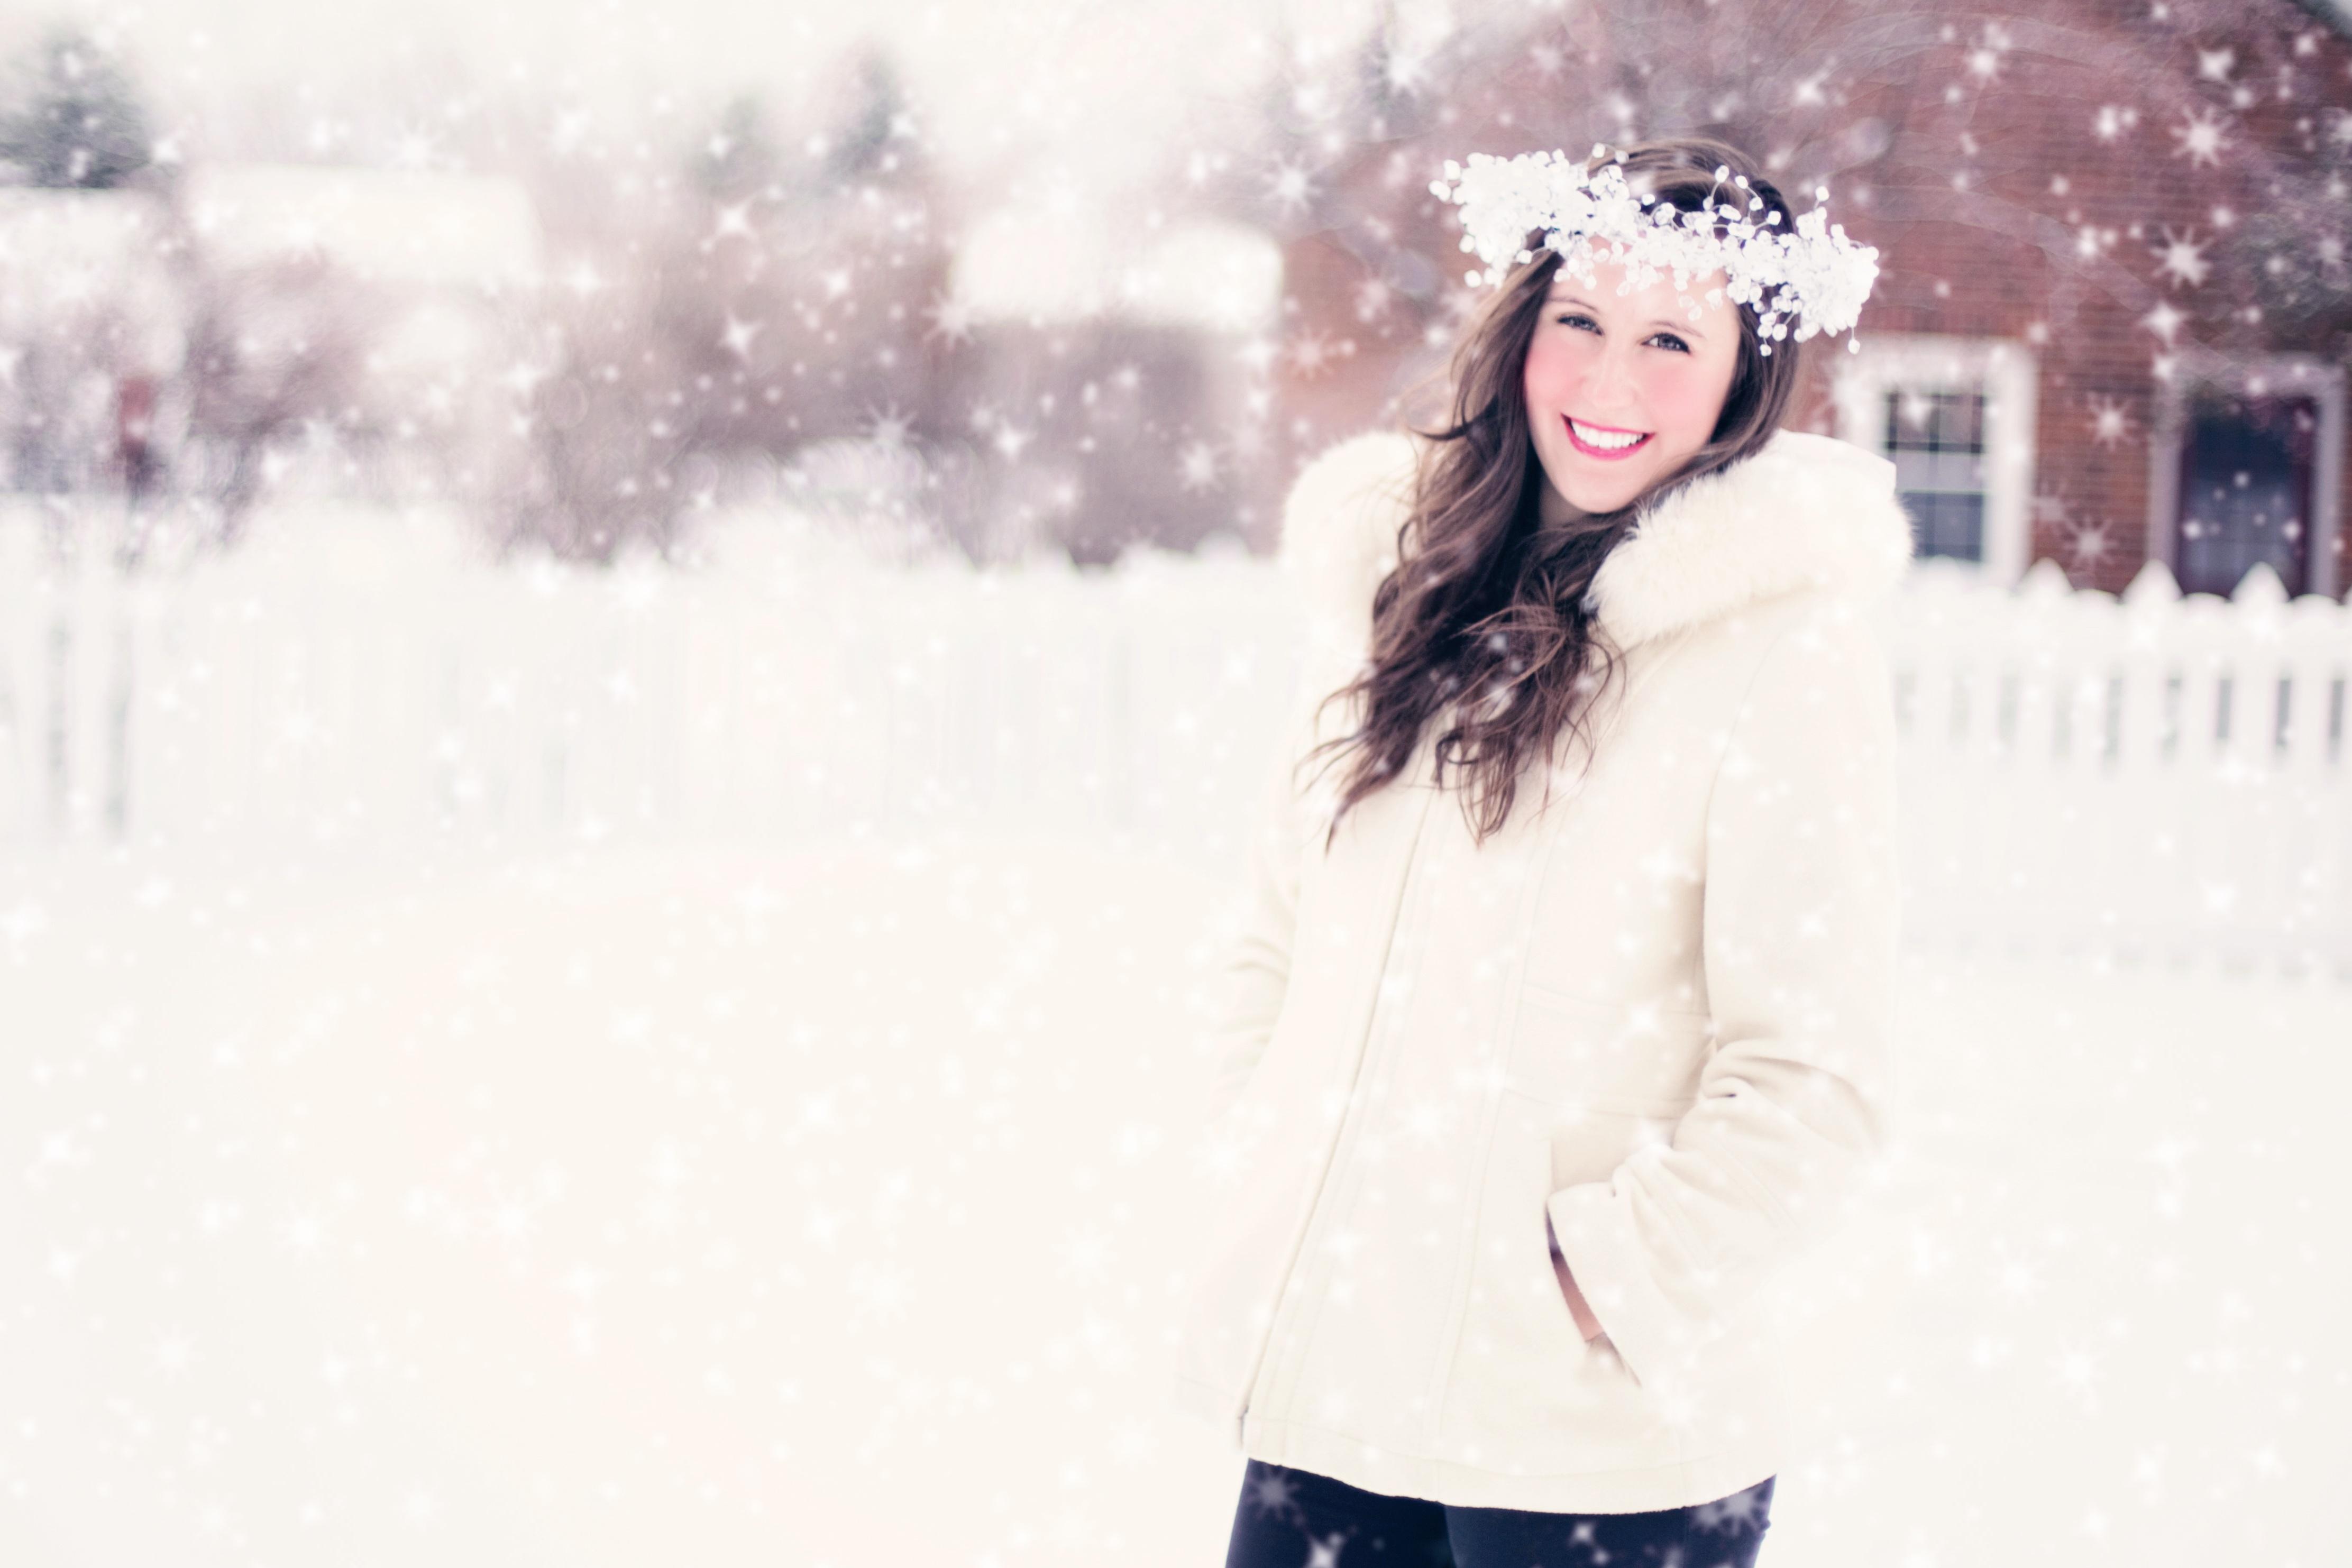 Kostenlose foto : Schnee, kalt, Winter, Frau, Weiß, Porträt ...